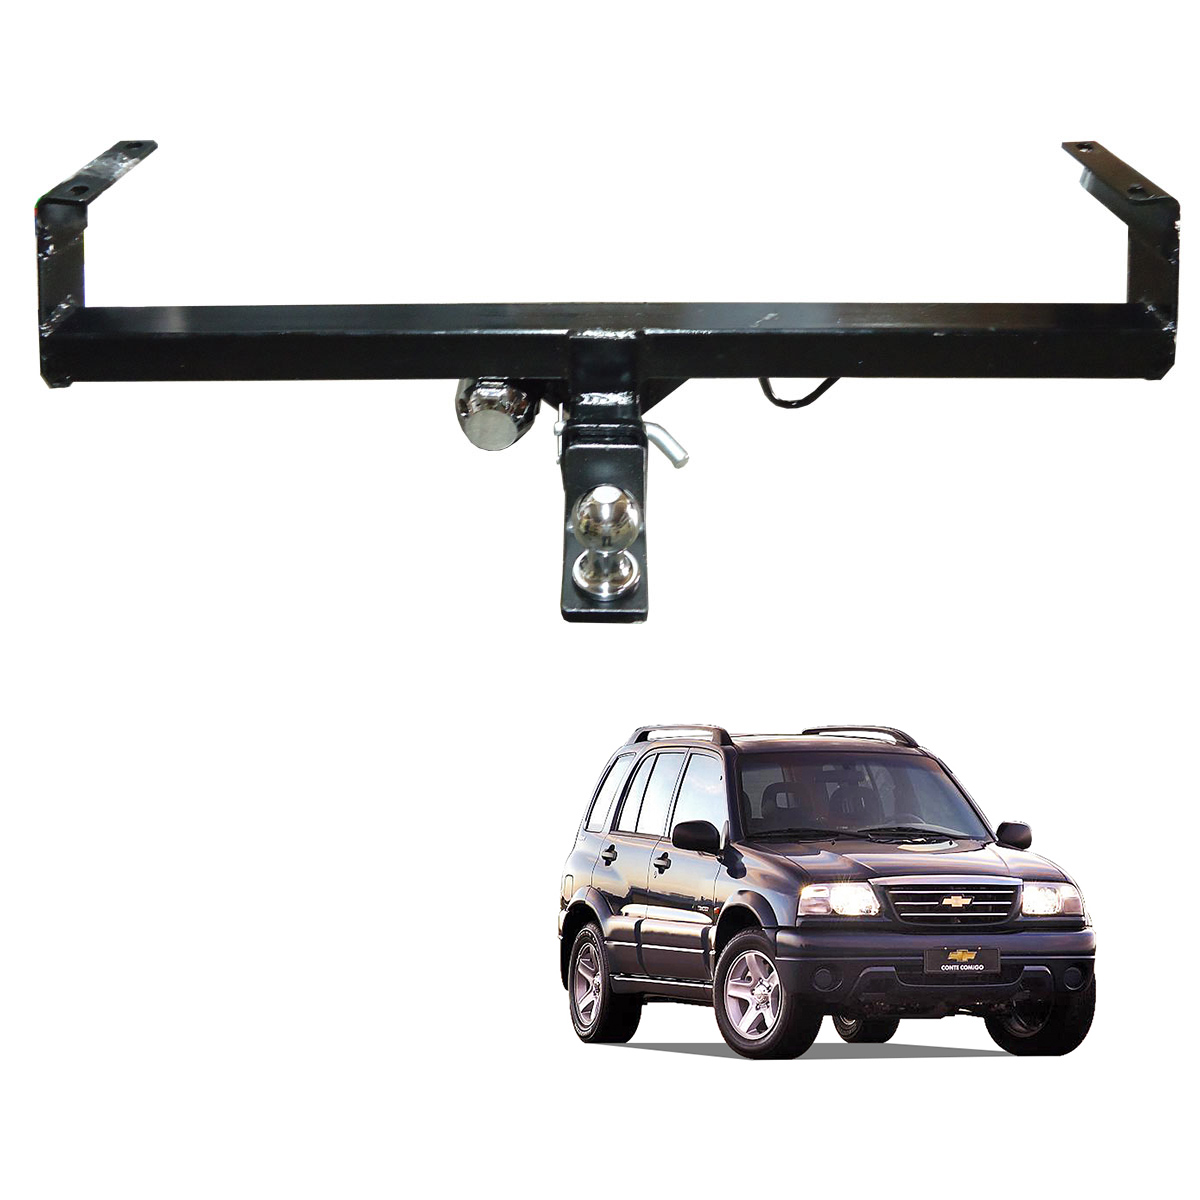 Engate de reboque Tracker 1999 a 2009 removível 1000 Kg